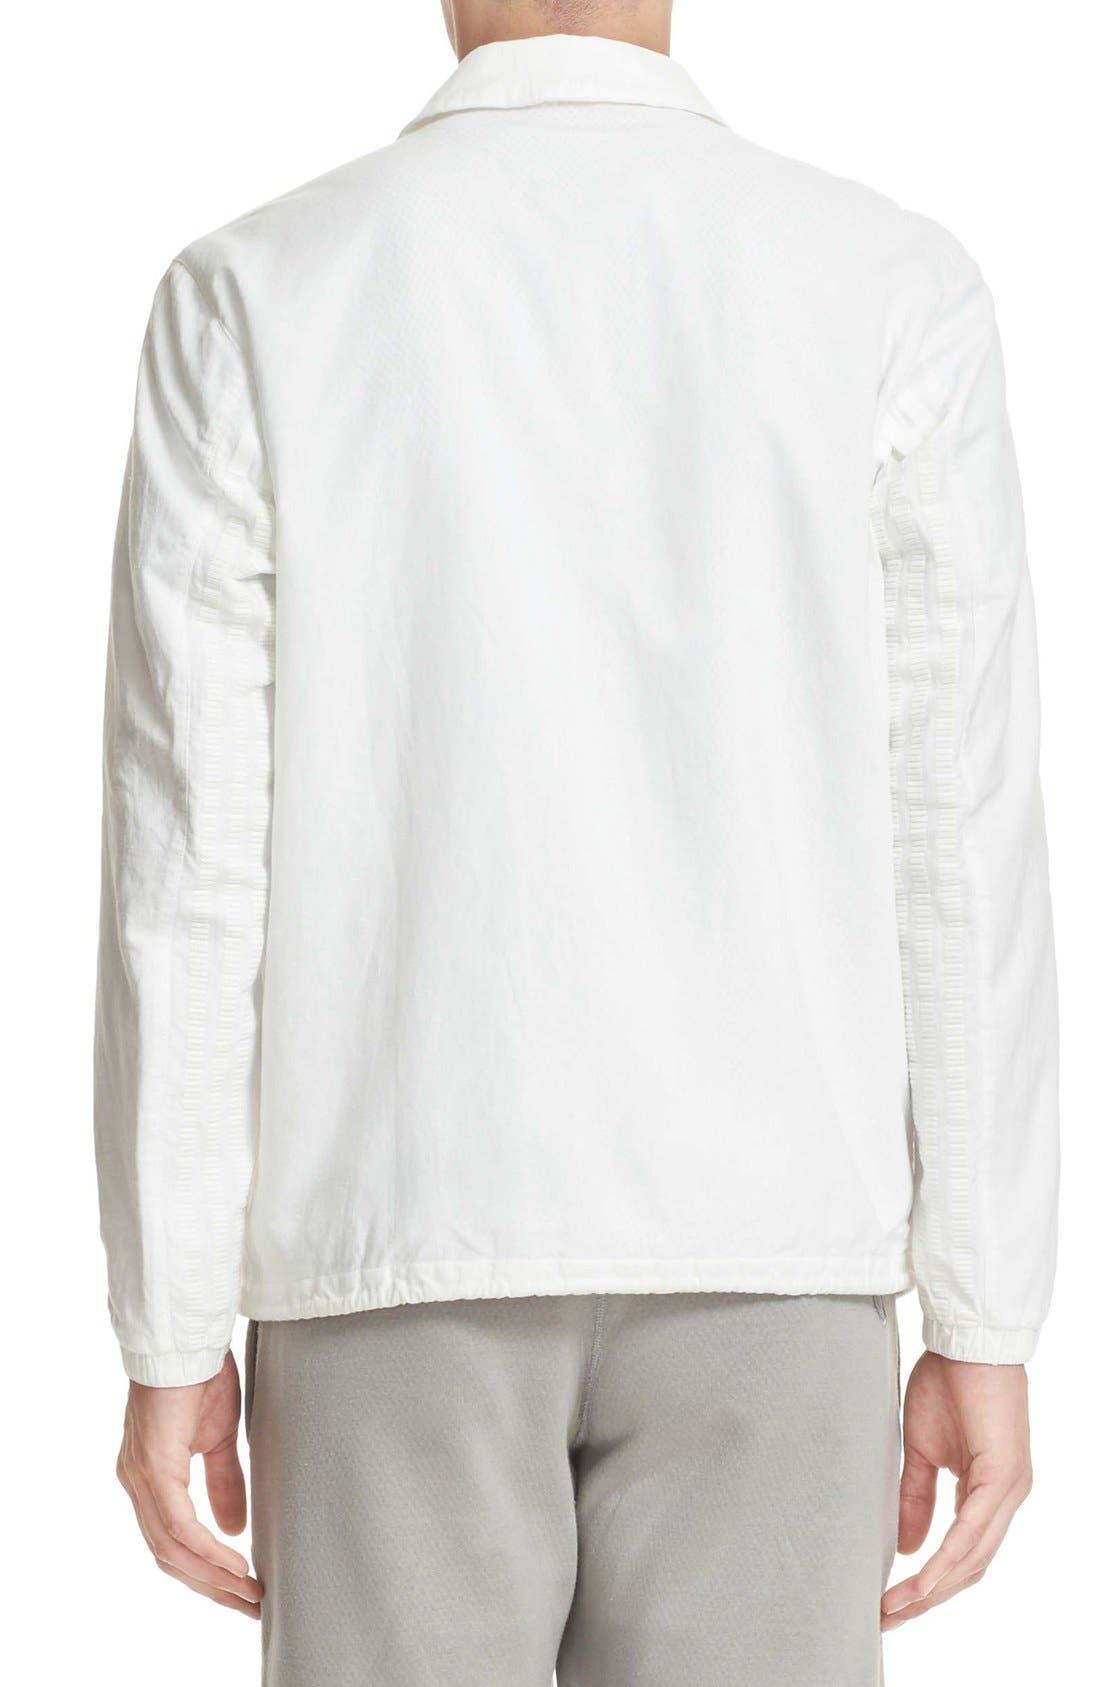 Cotton & Linen Coach Jacket,                             Alternate thumbnail 3, color,                             100